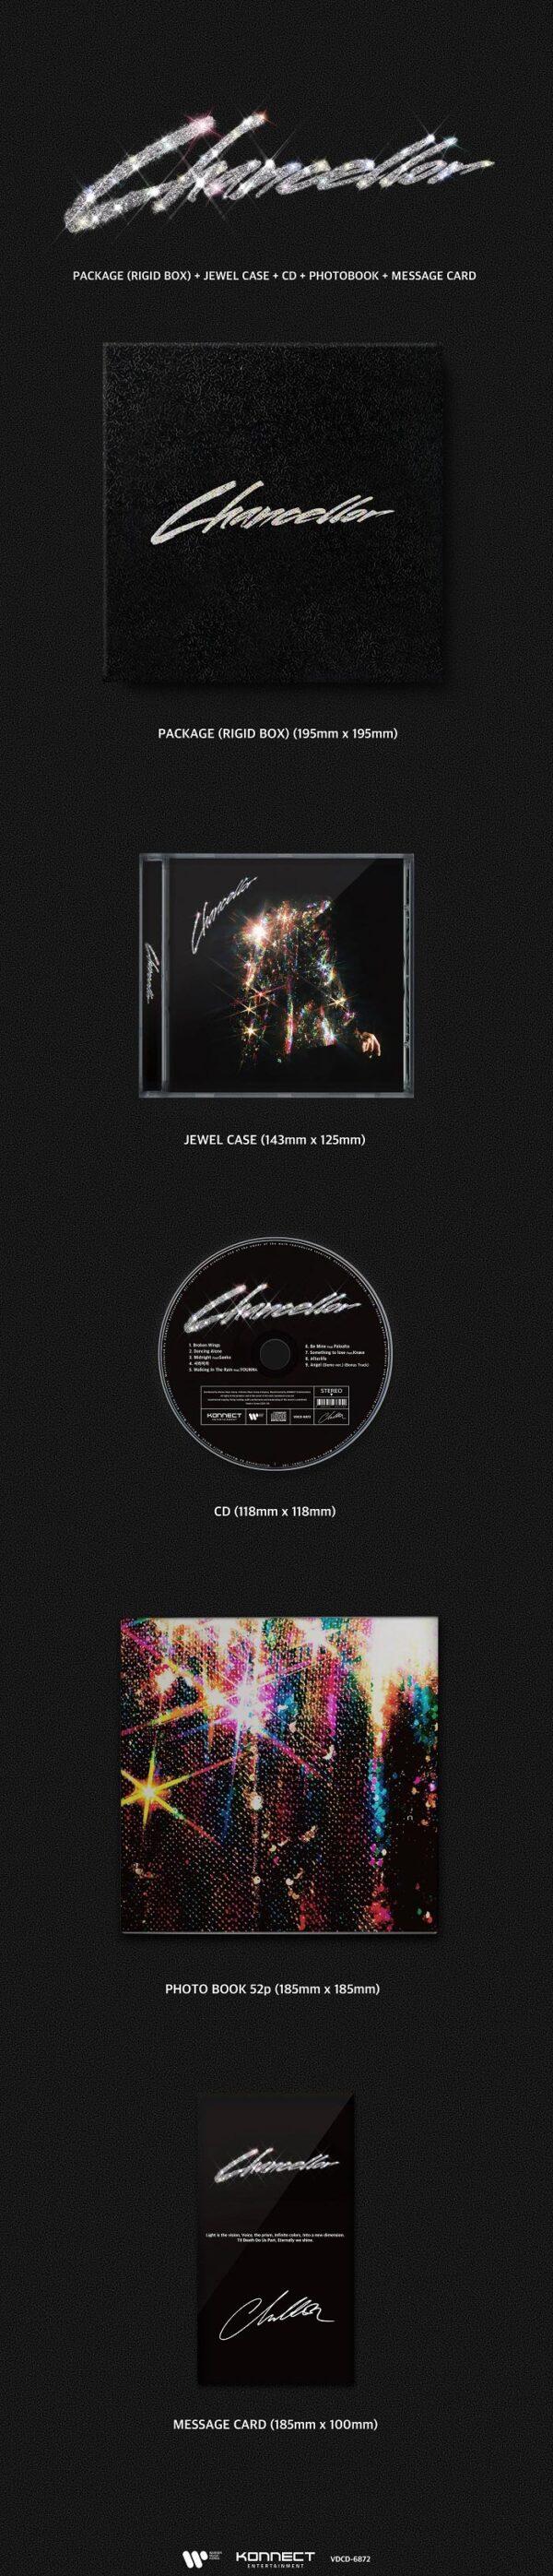 2nd Album de Chancellor – Chancellor